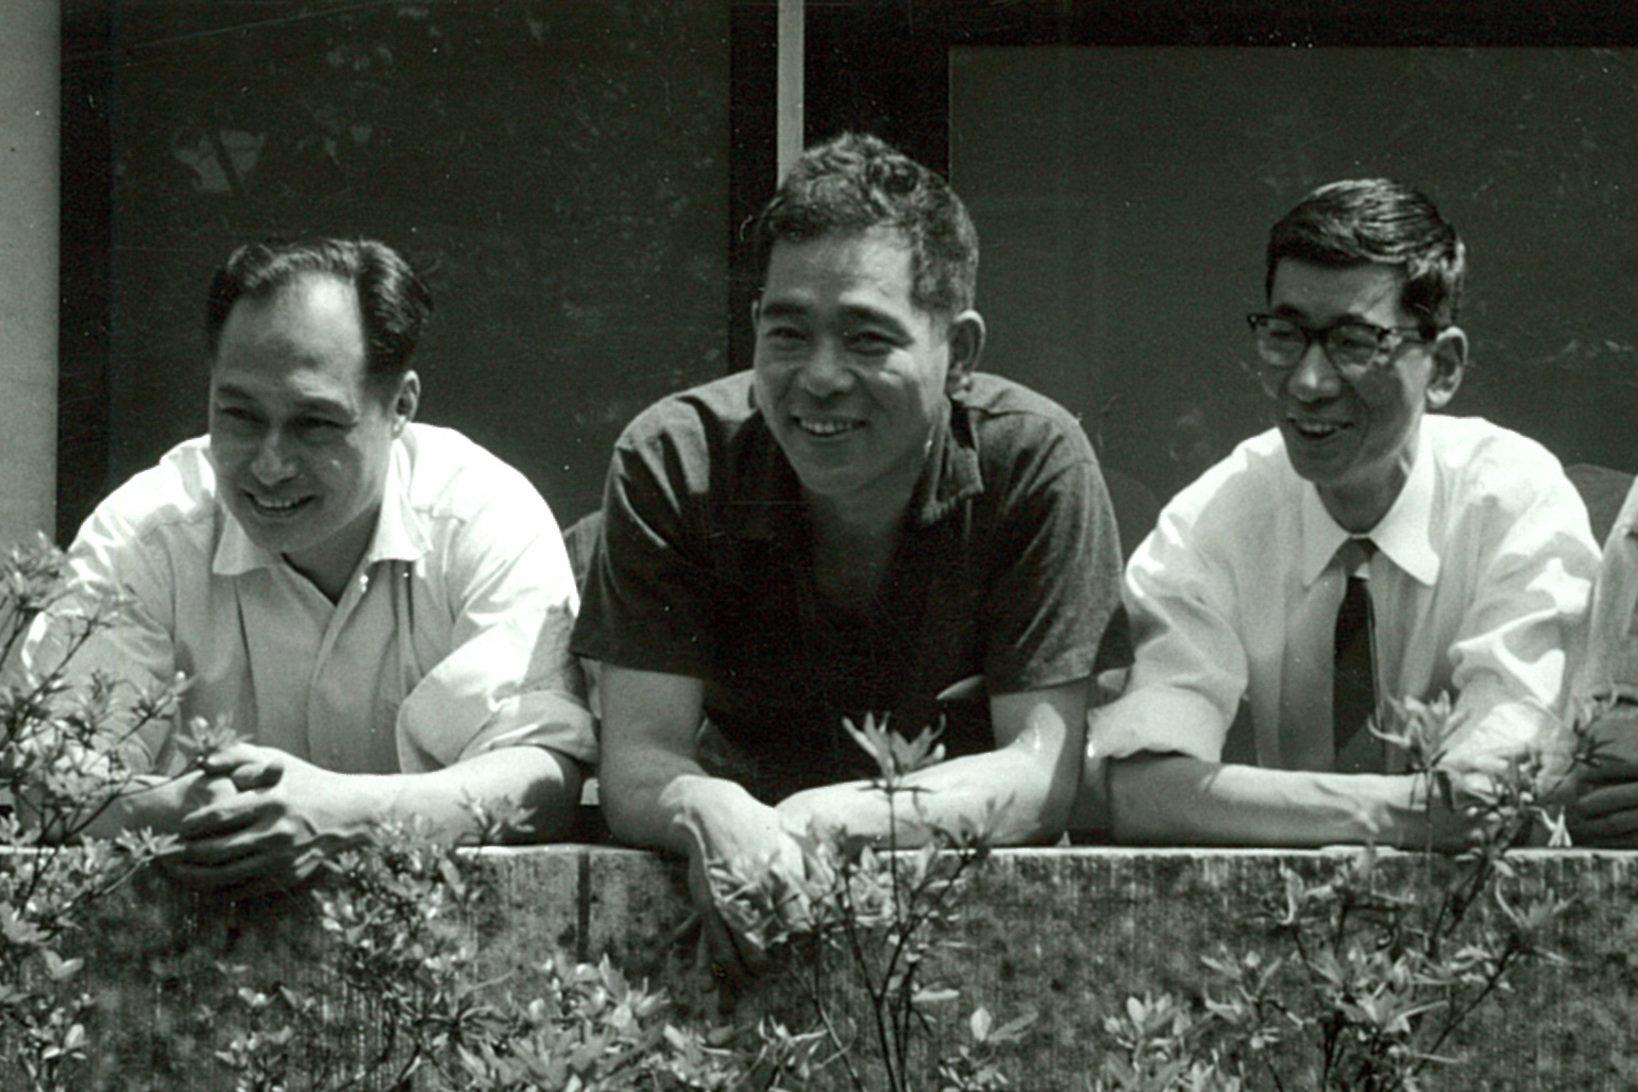 原作『家庭の工作』を手がけたKAKデザイングループの3人。左から河潤之介、秋岡芳夫、金子至。グラフィックから光学機器まで幅広いデザインを手がけた。(写真提供:モノ・モノ)